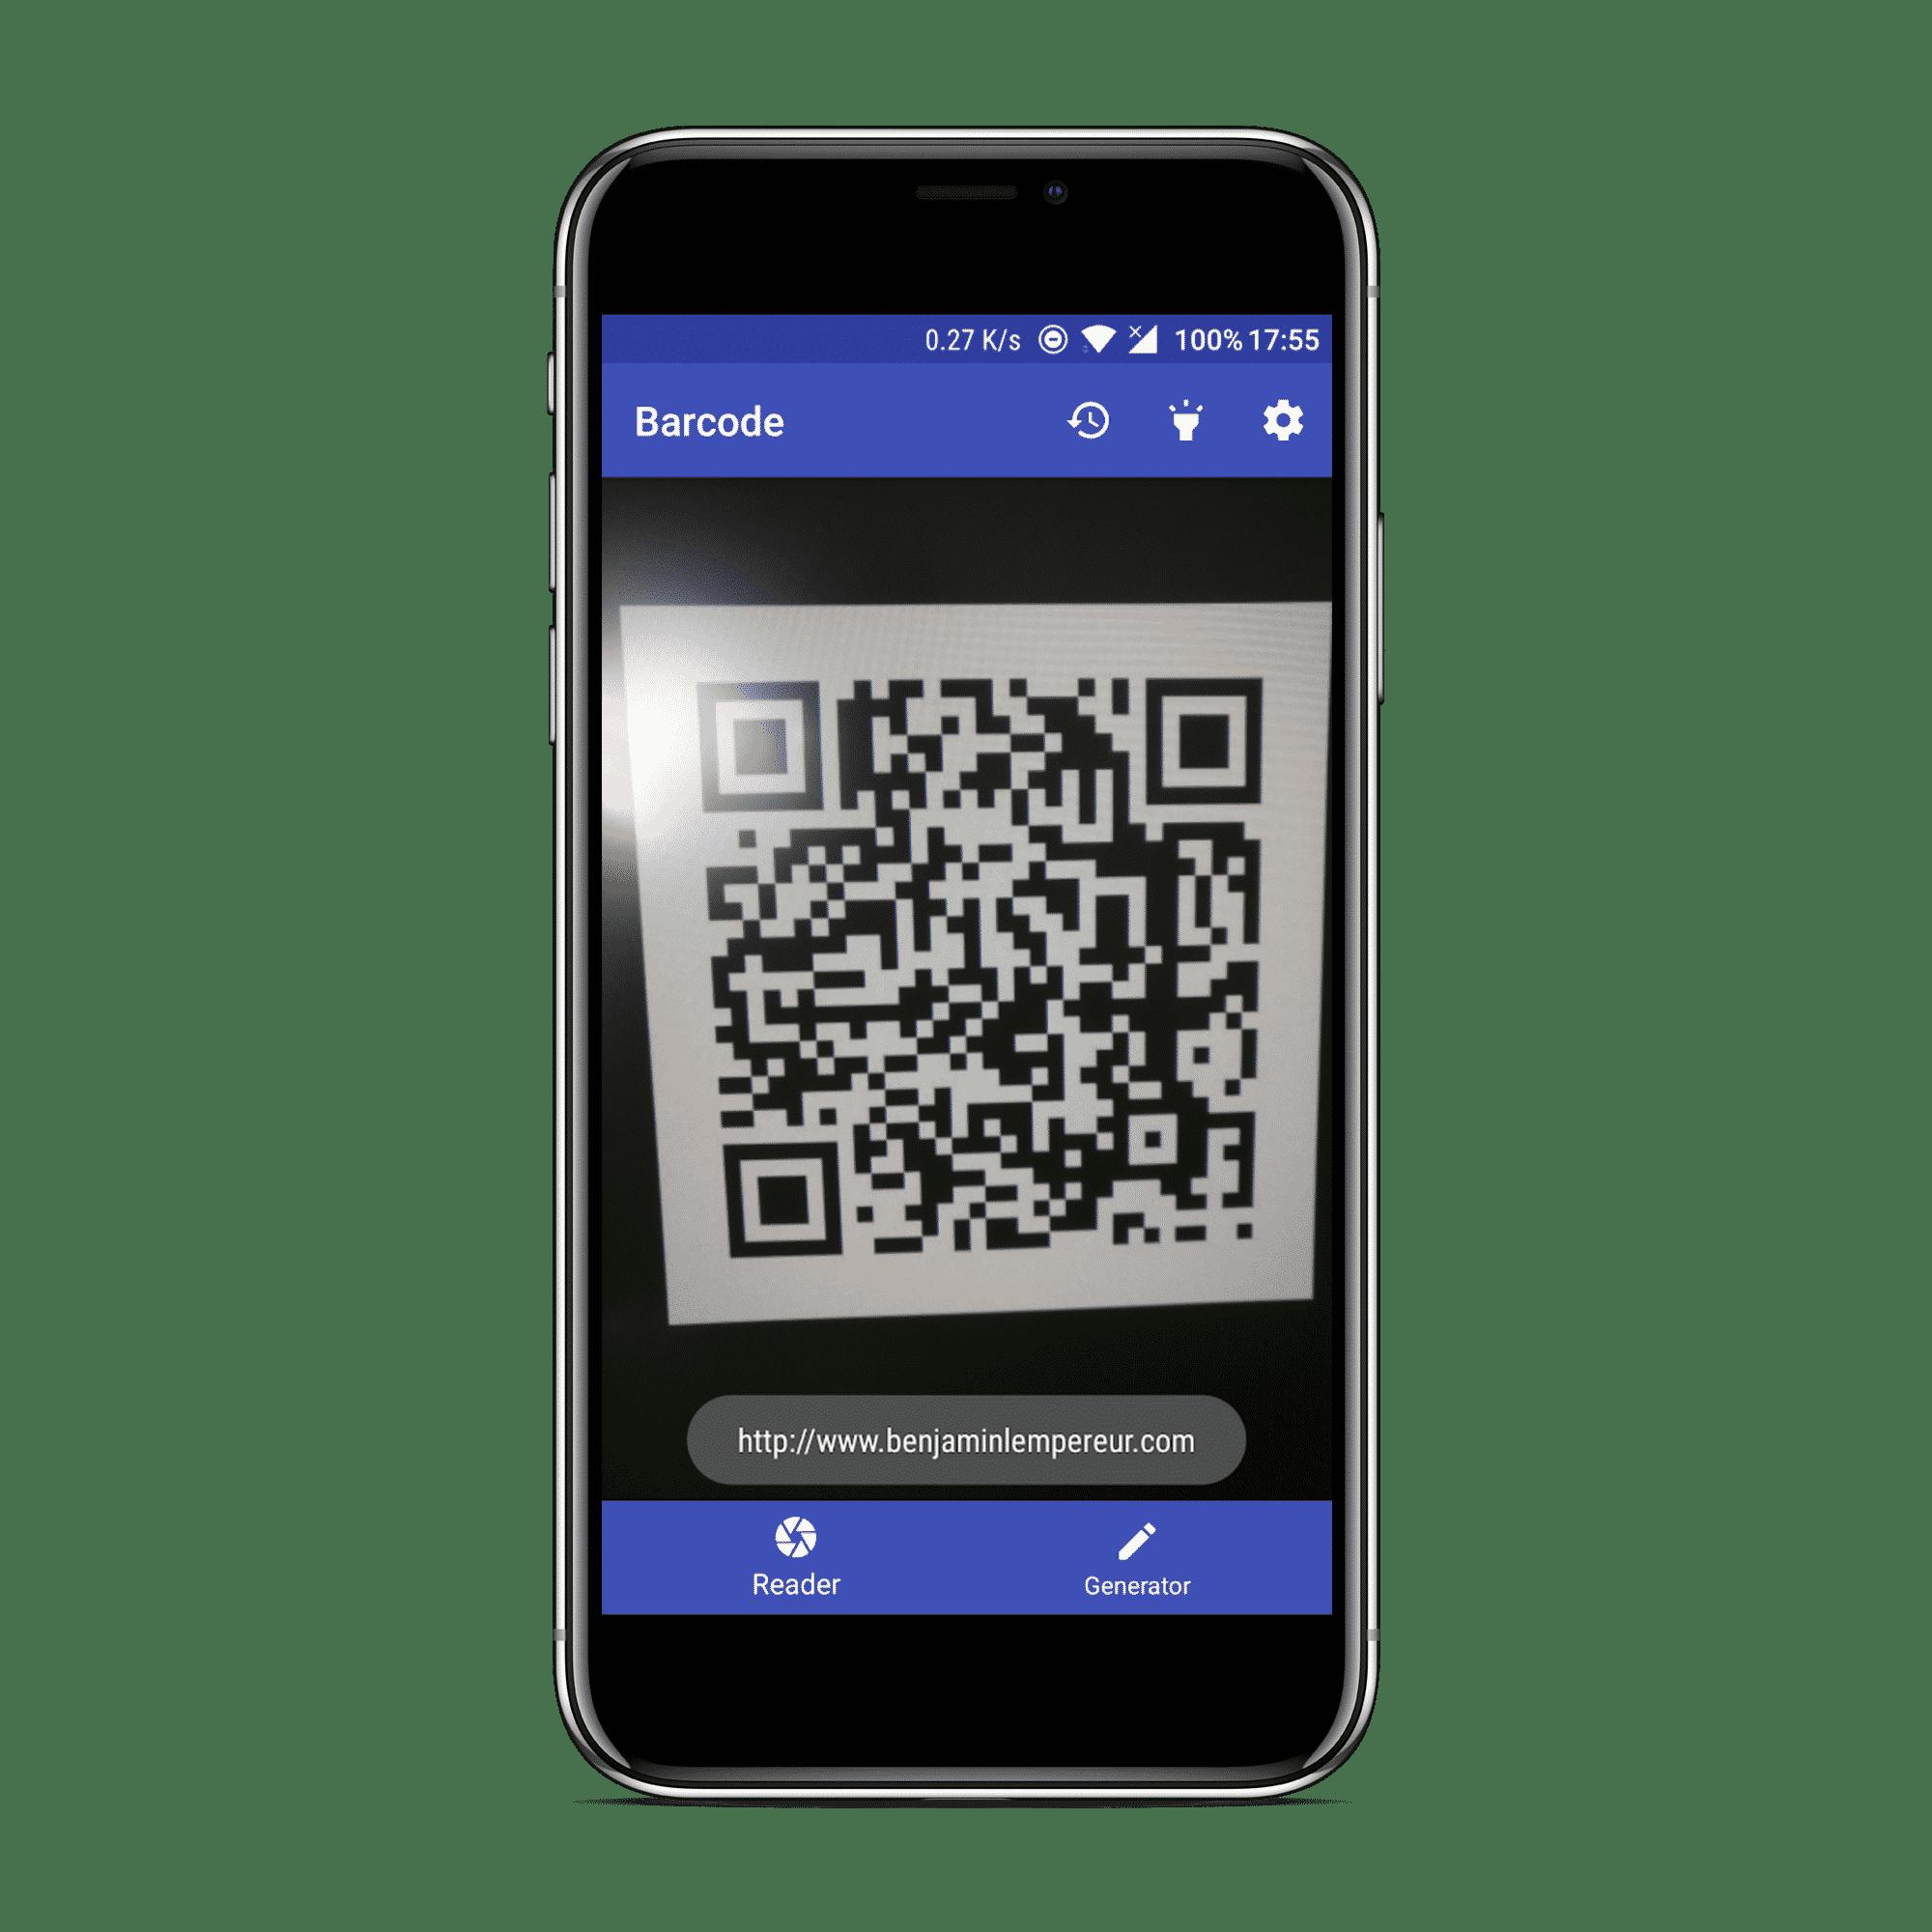 Fonctionnalité de scan de l'application Material Barcode Tools.